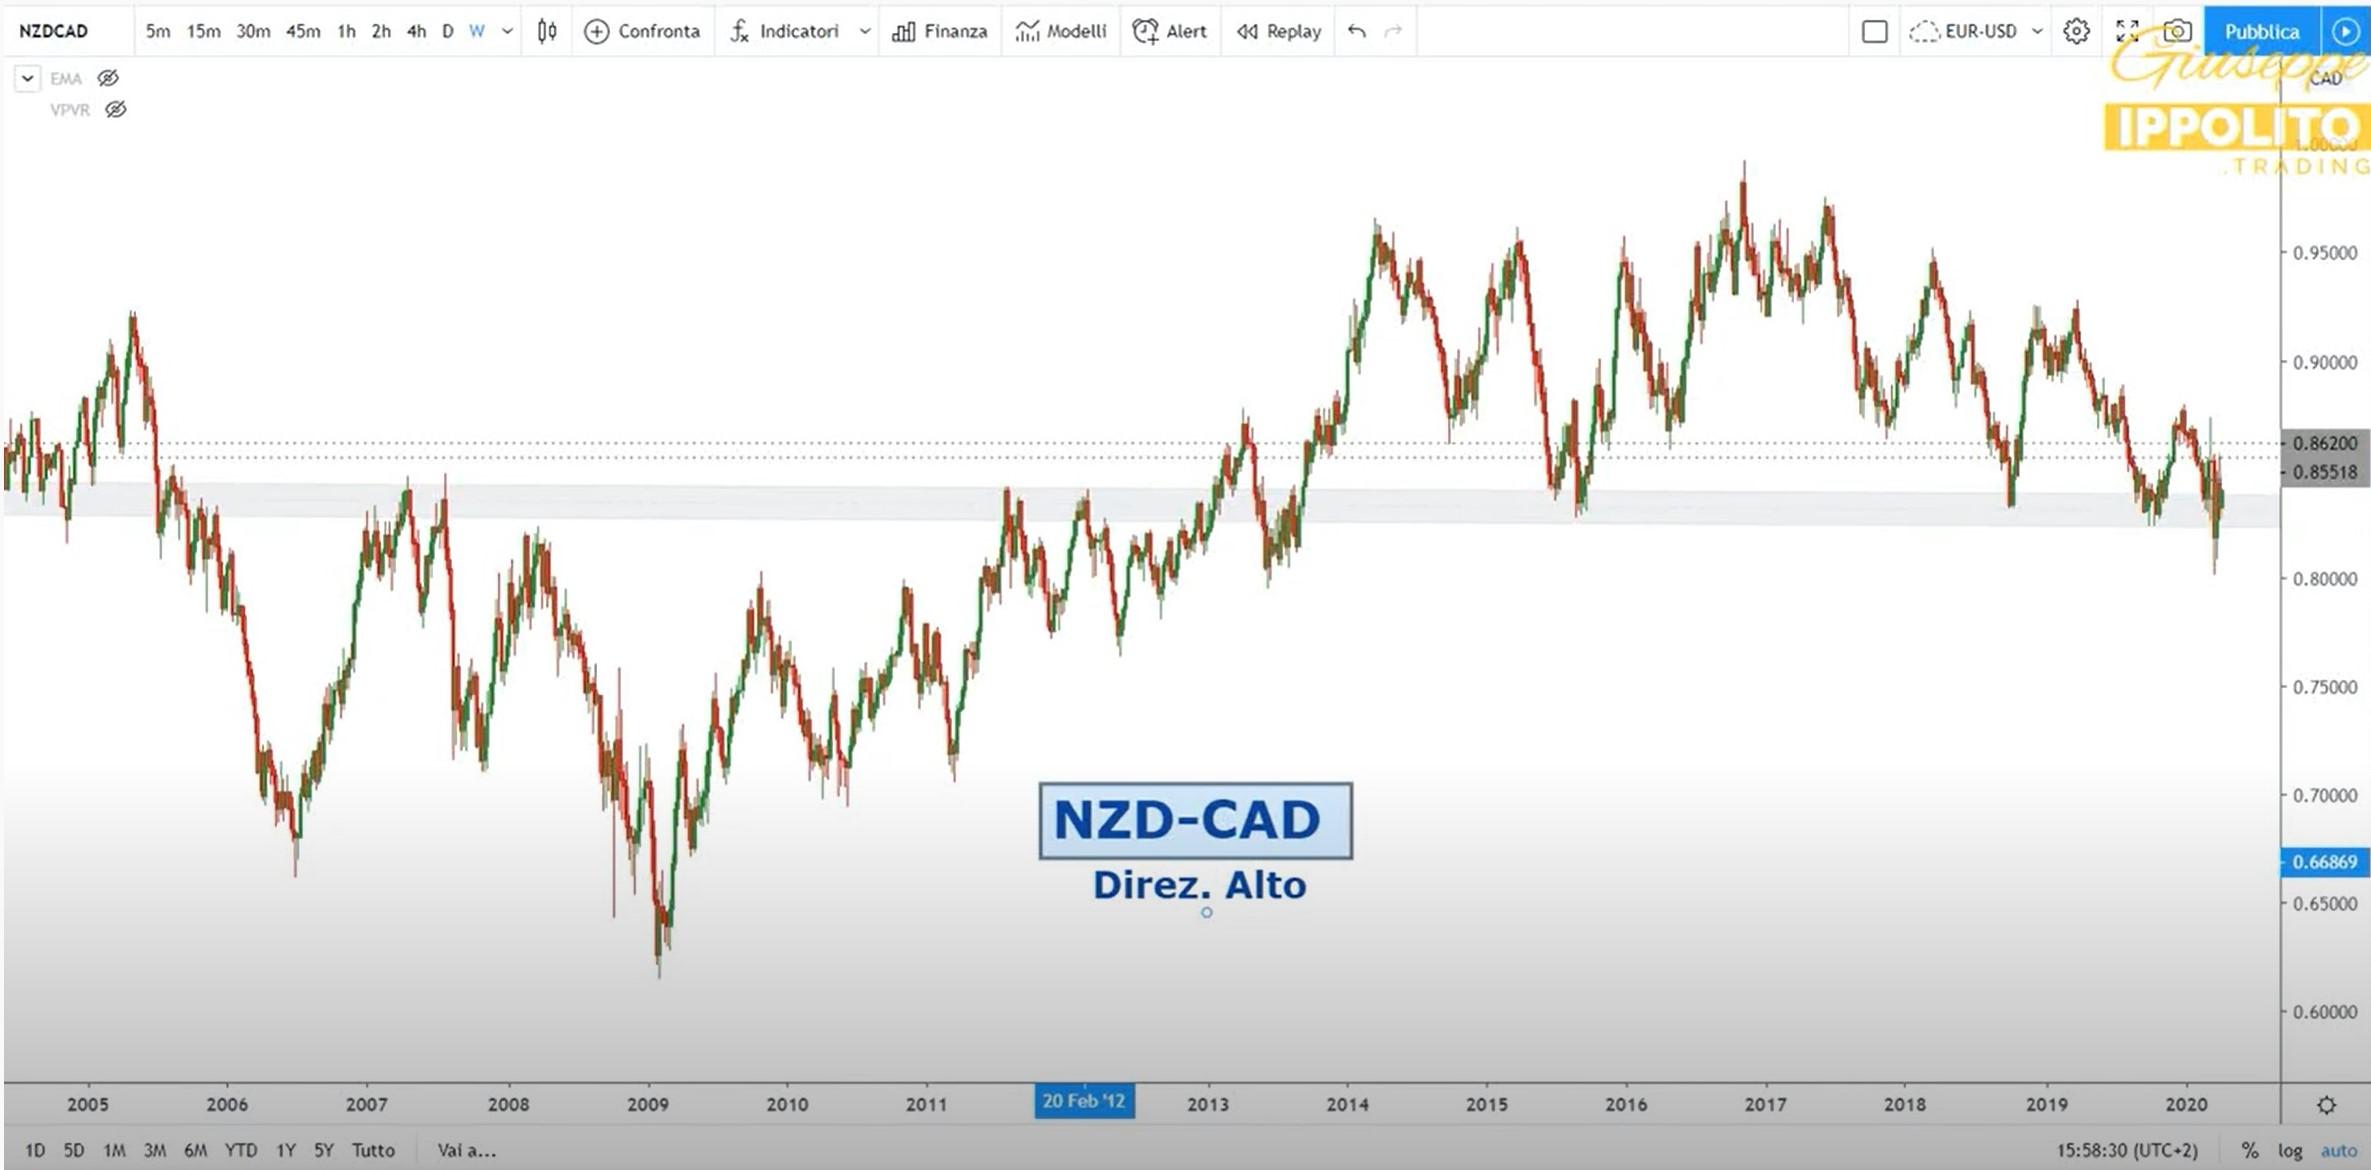 Analisi opportunità NZD-CAD del 06-04-2020